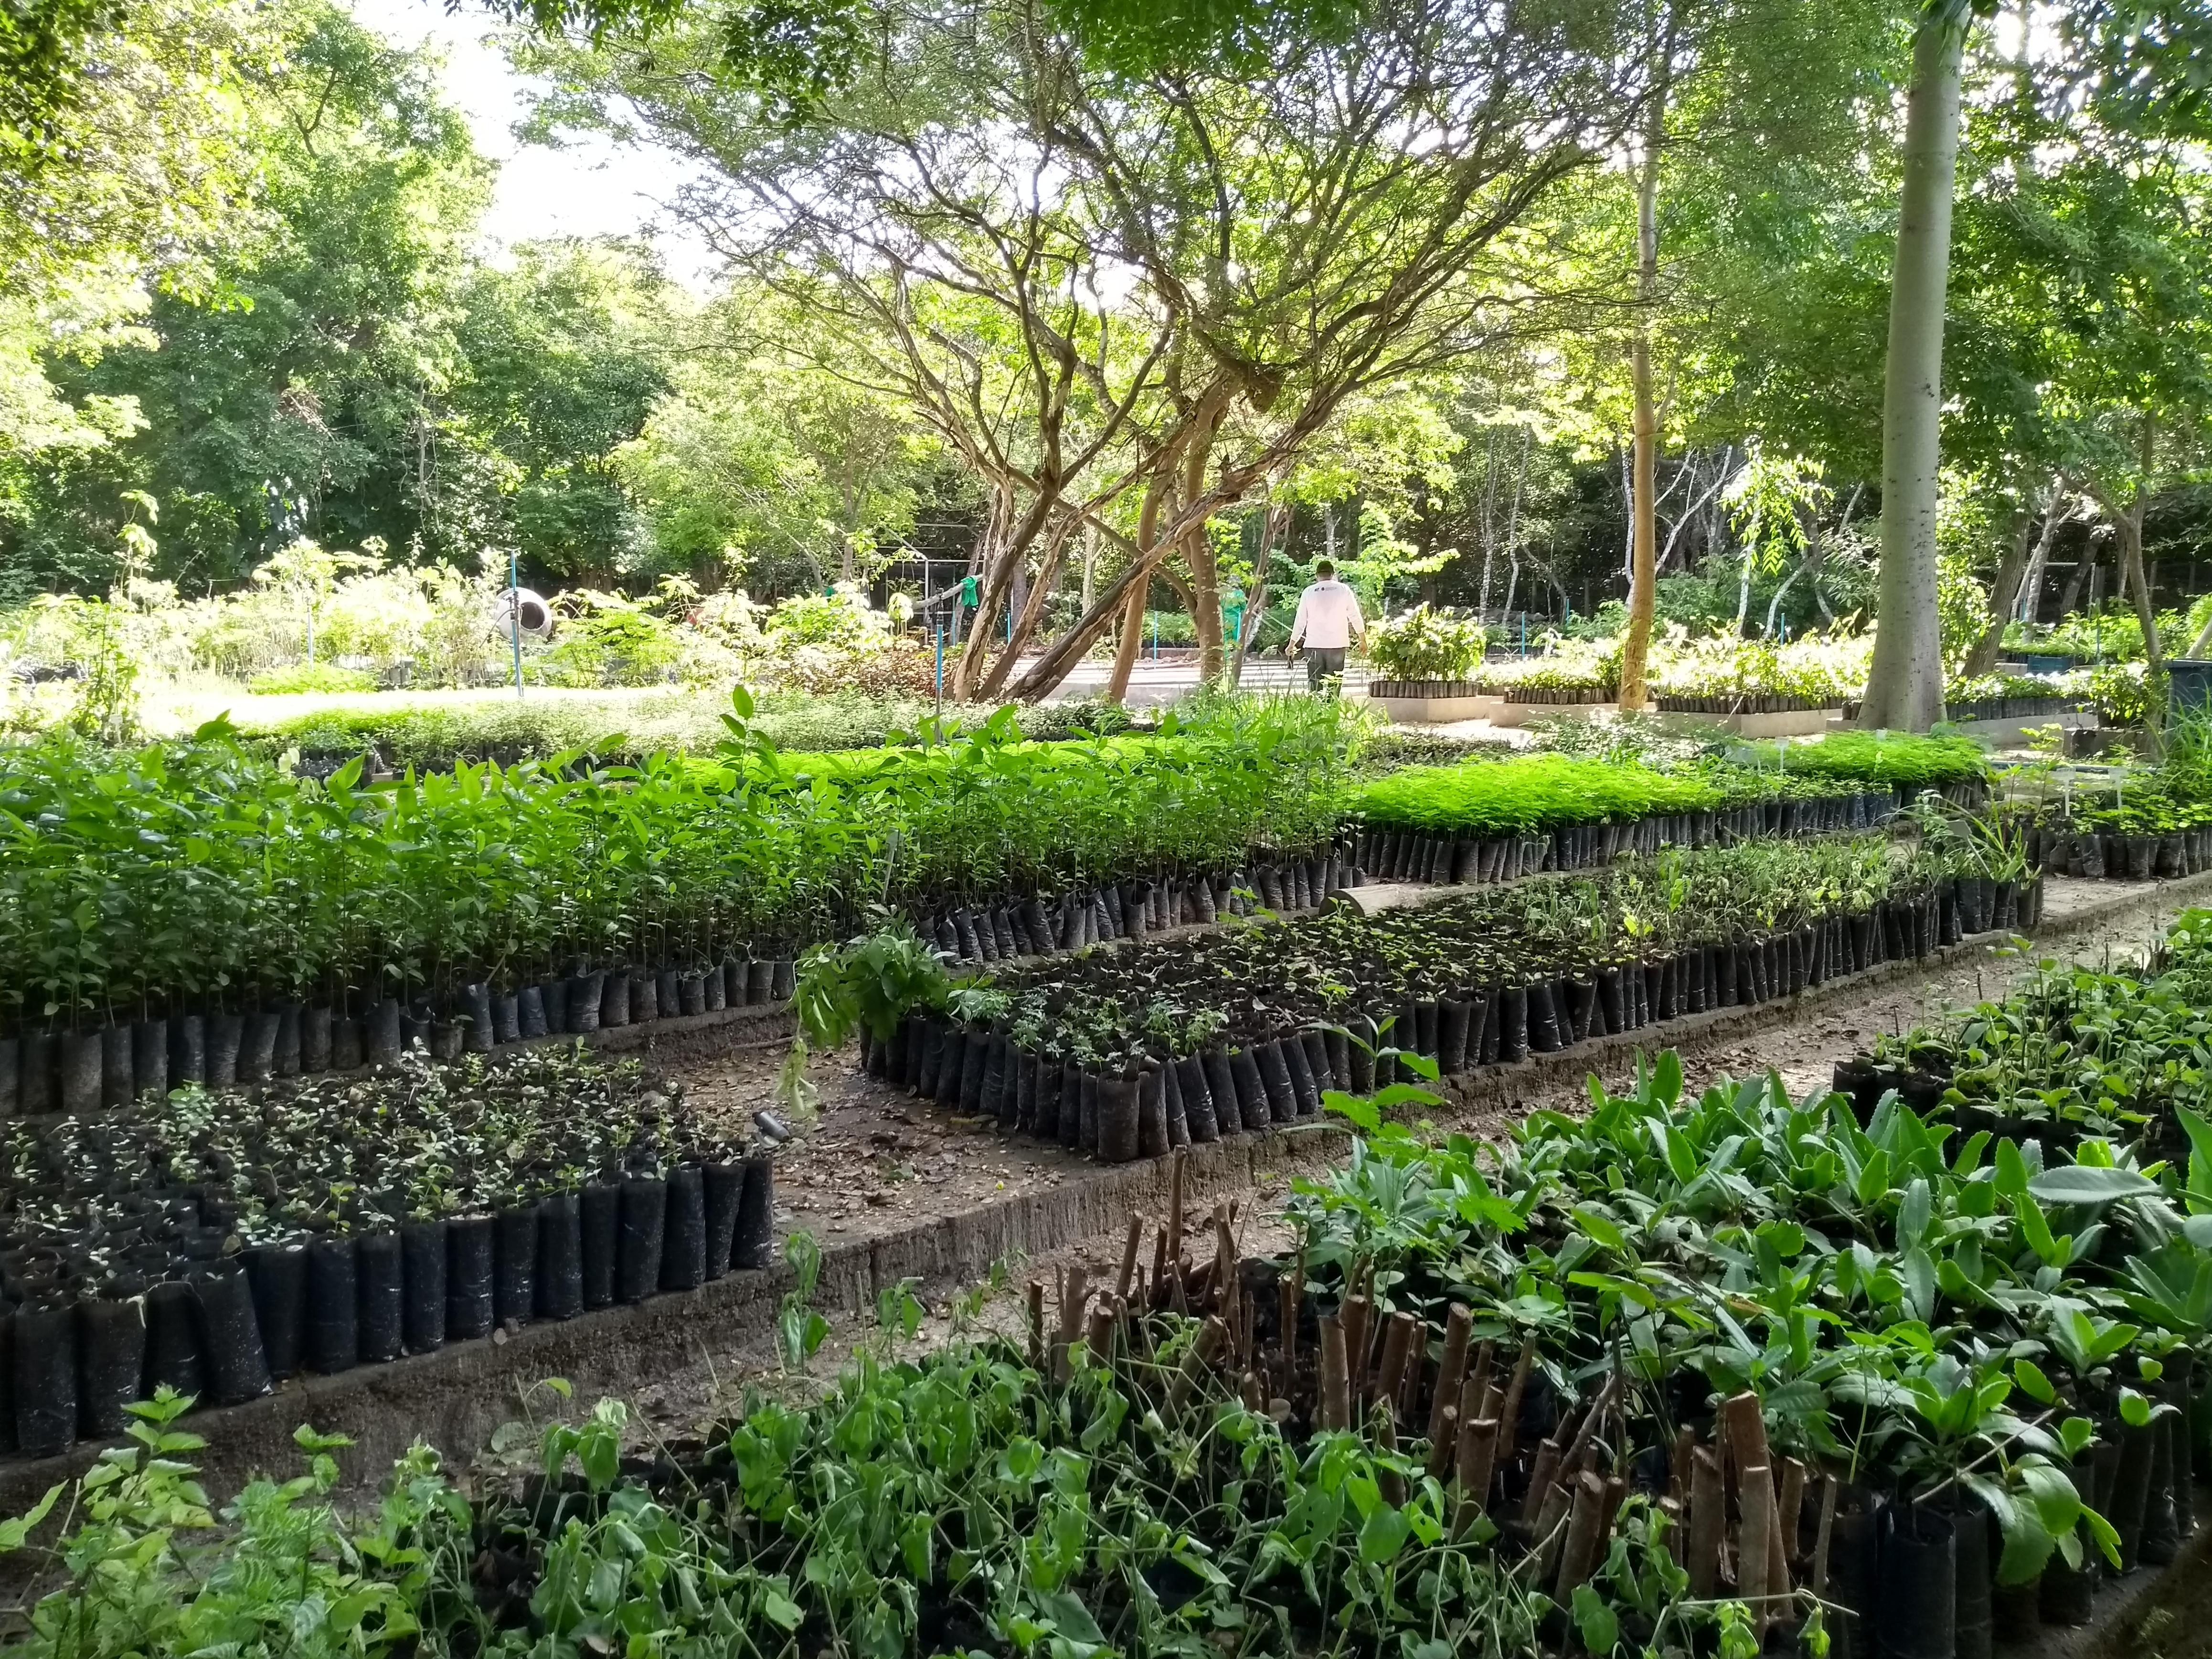 Produção e doação de mudas no Ceará continuam em ritmo forte